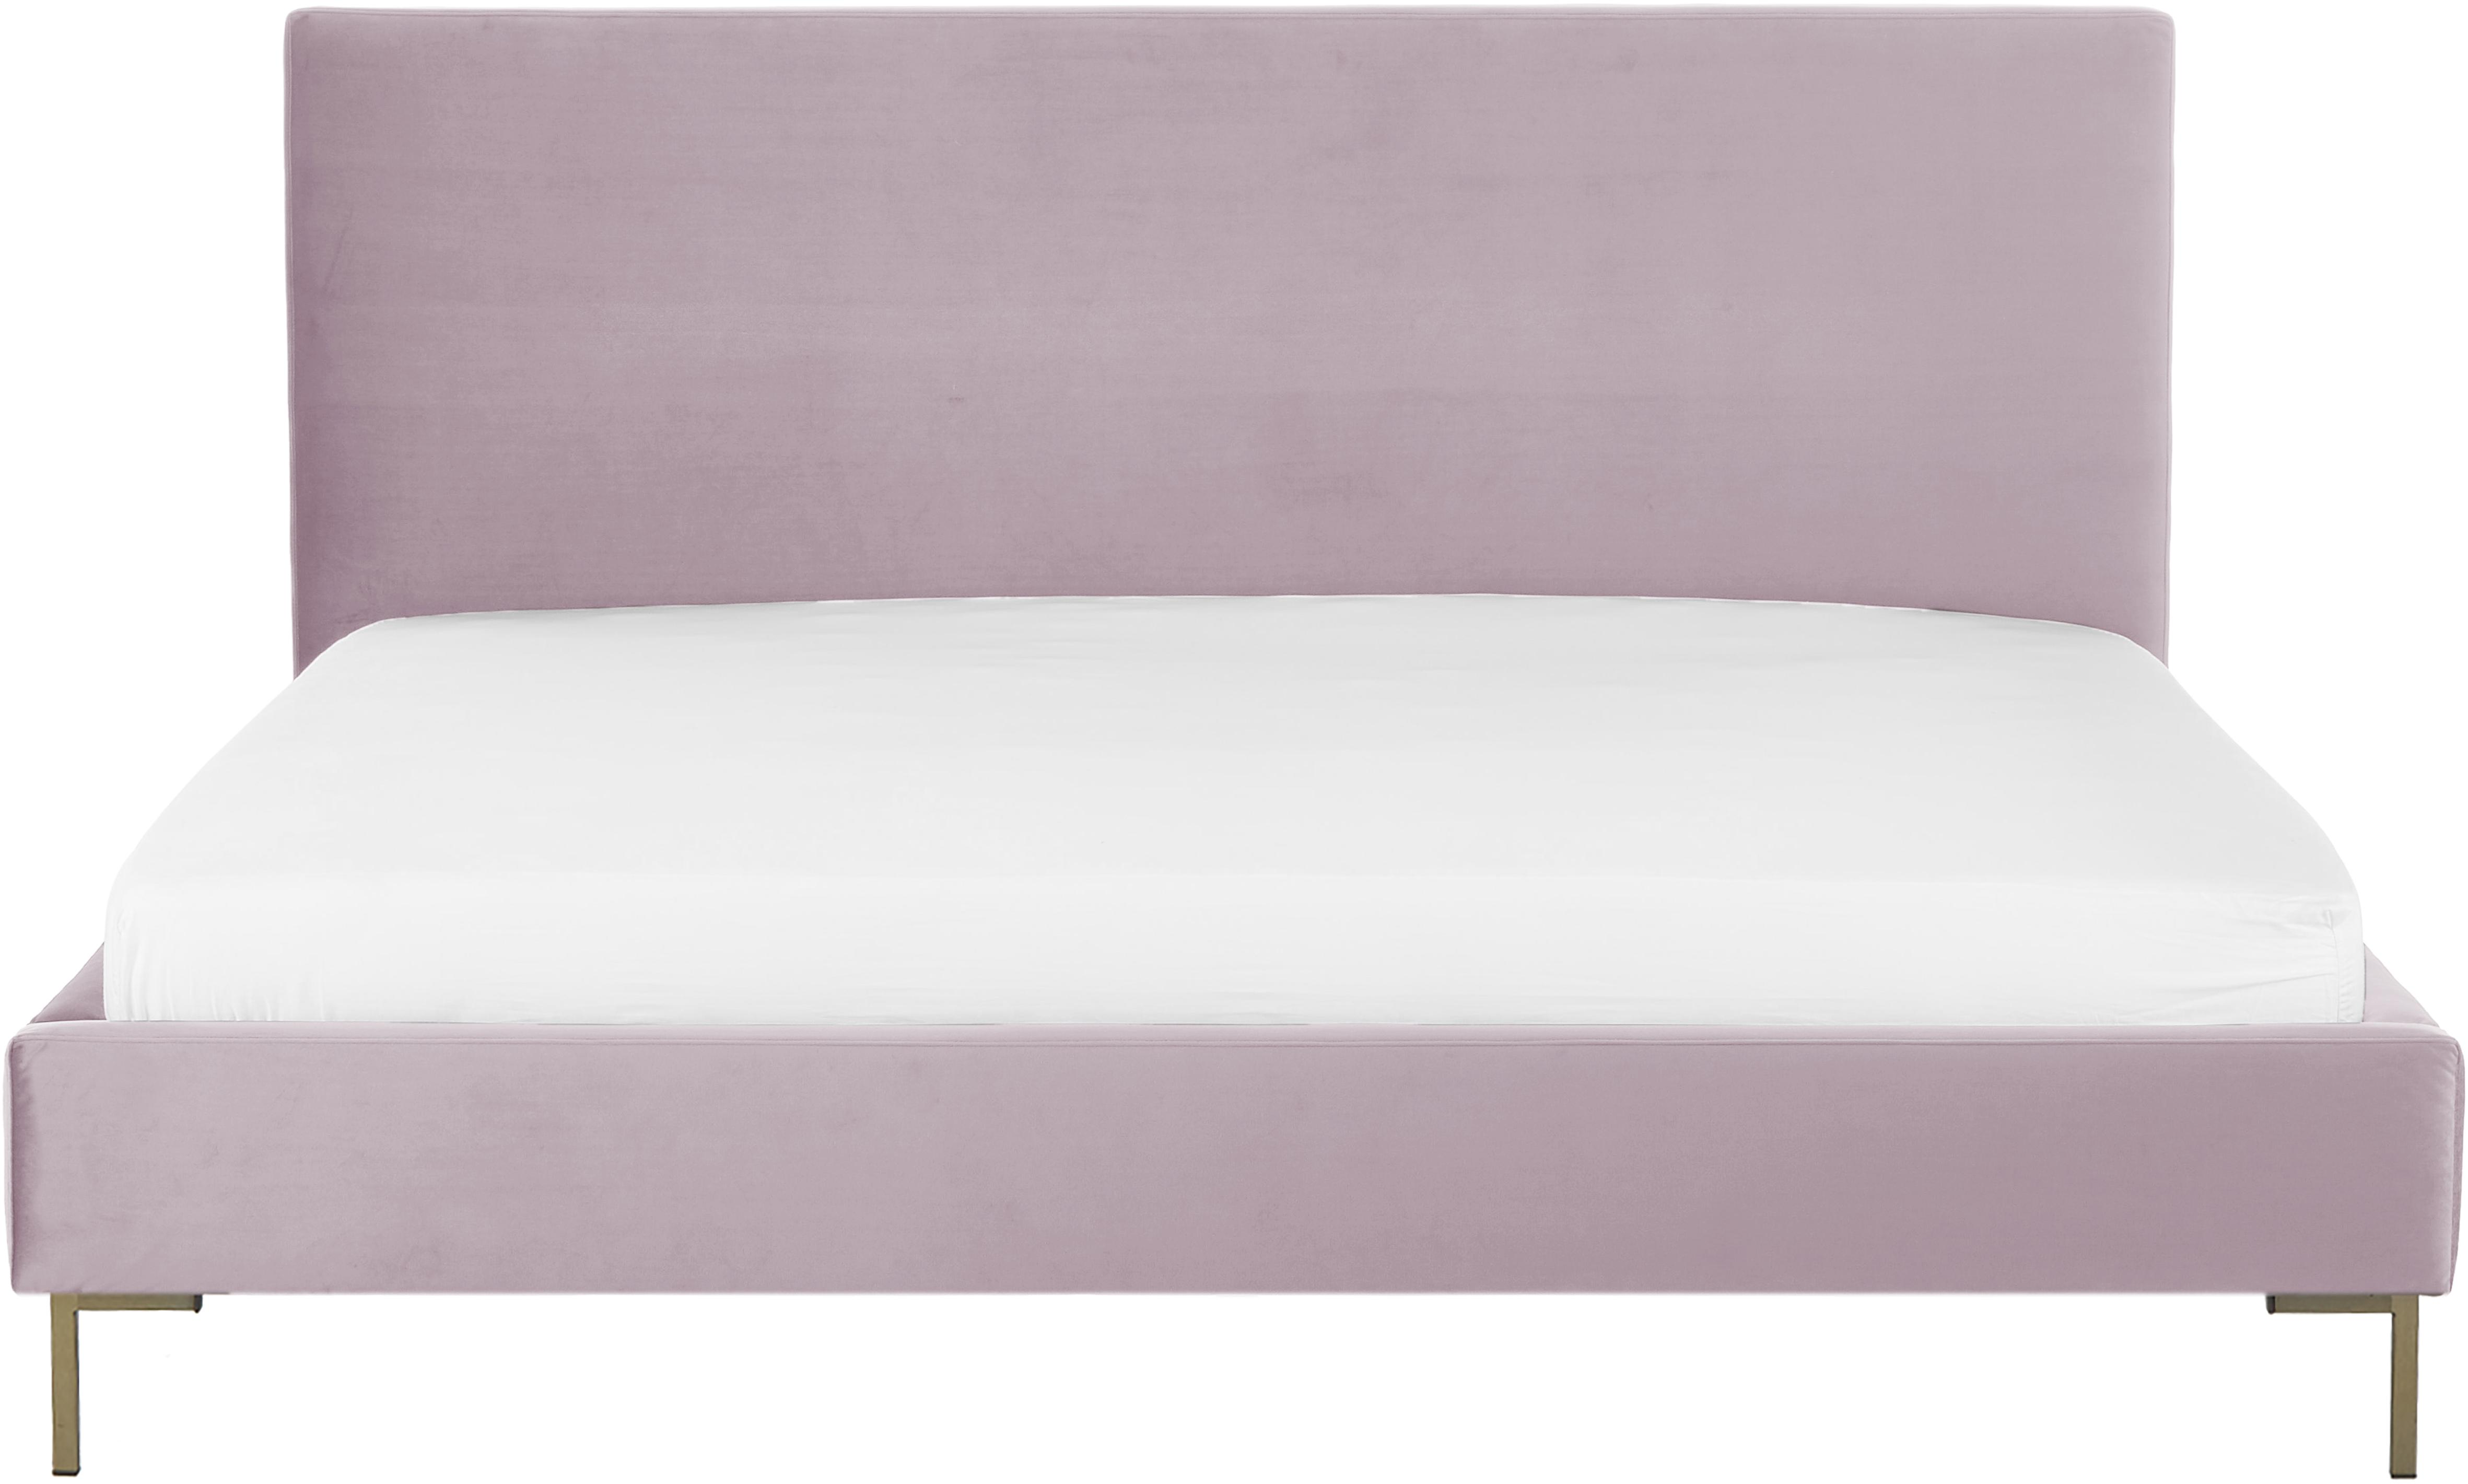 Samt-Polsterbett Peace, Korpus: Massives Kiefernholz, Füße: Metall, pulverbeschichtet, Bezug: Polyestersamt 30.000 Sche, Mauve, 180 x 200 cm